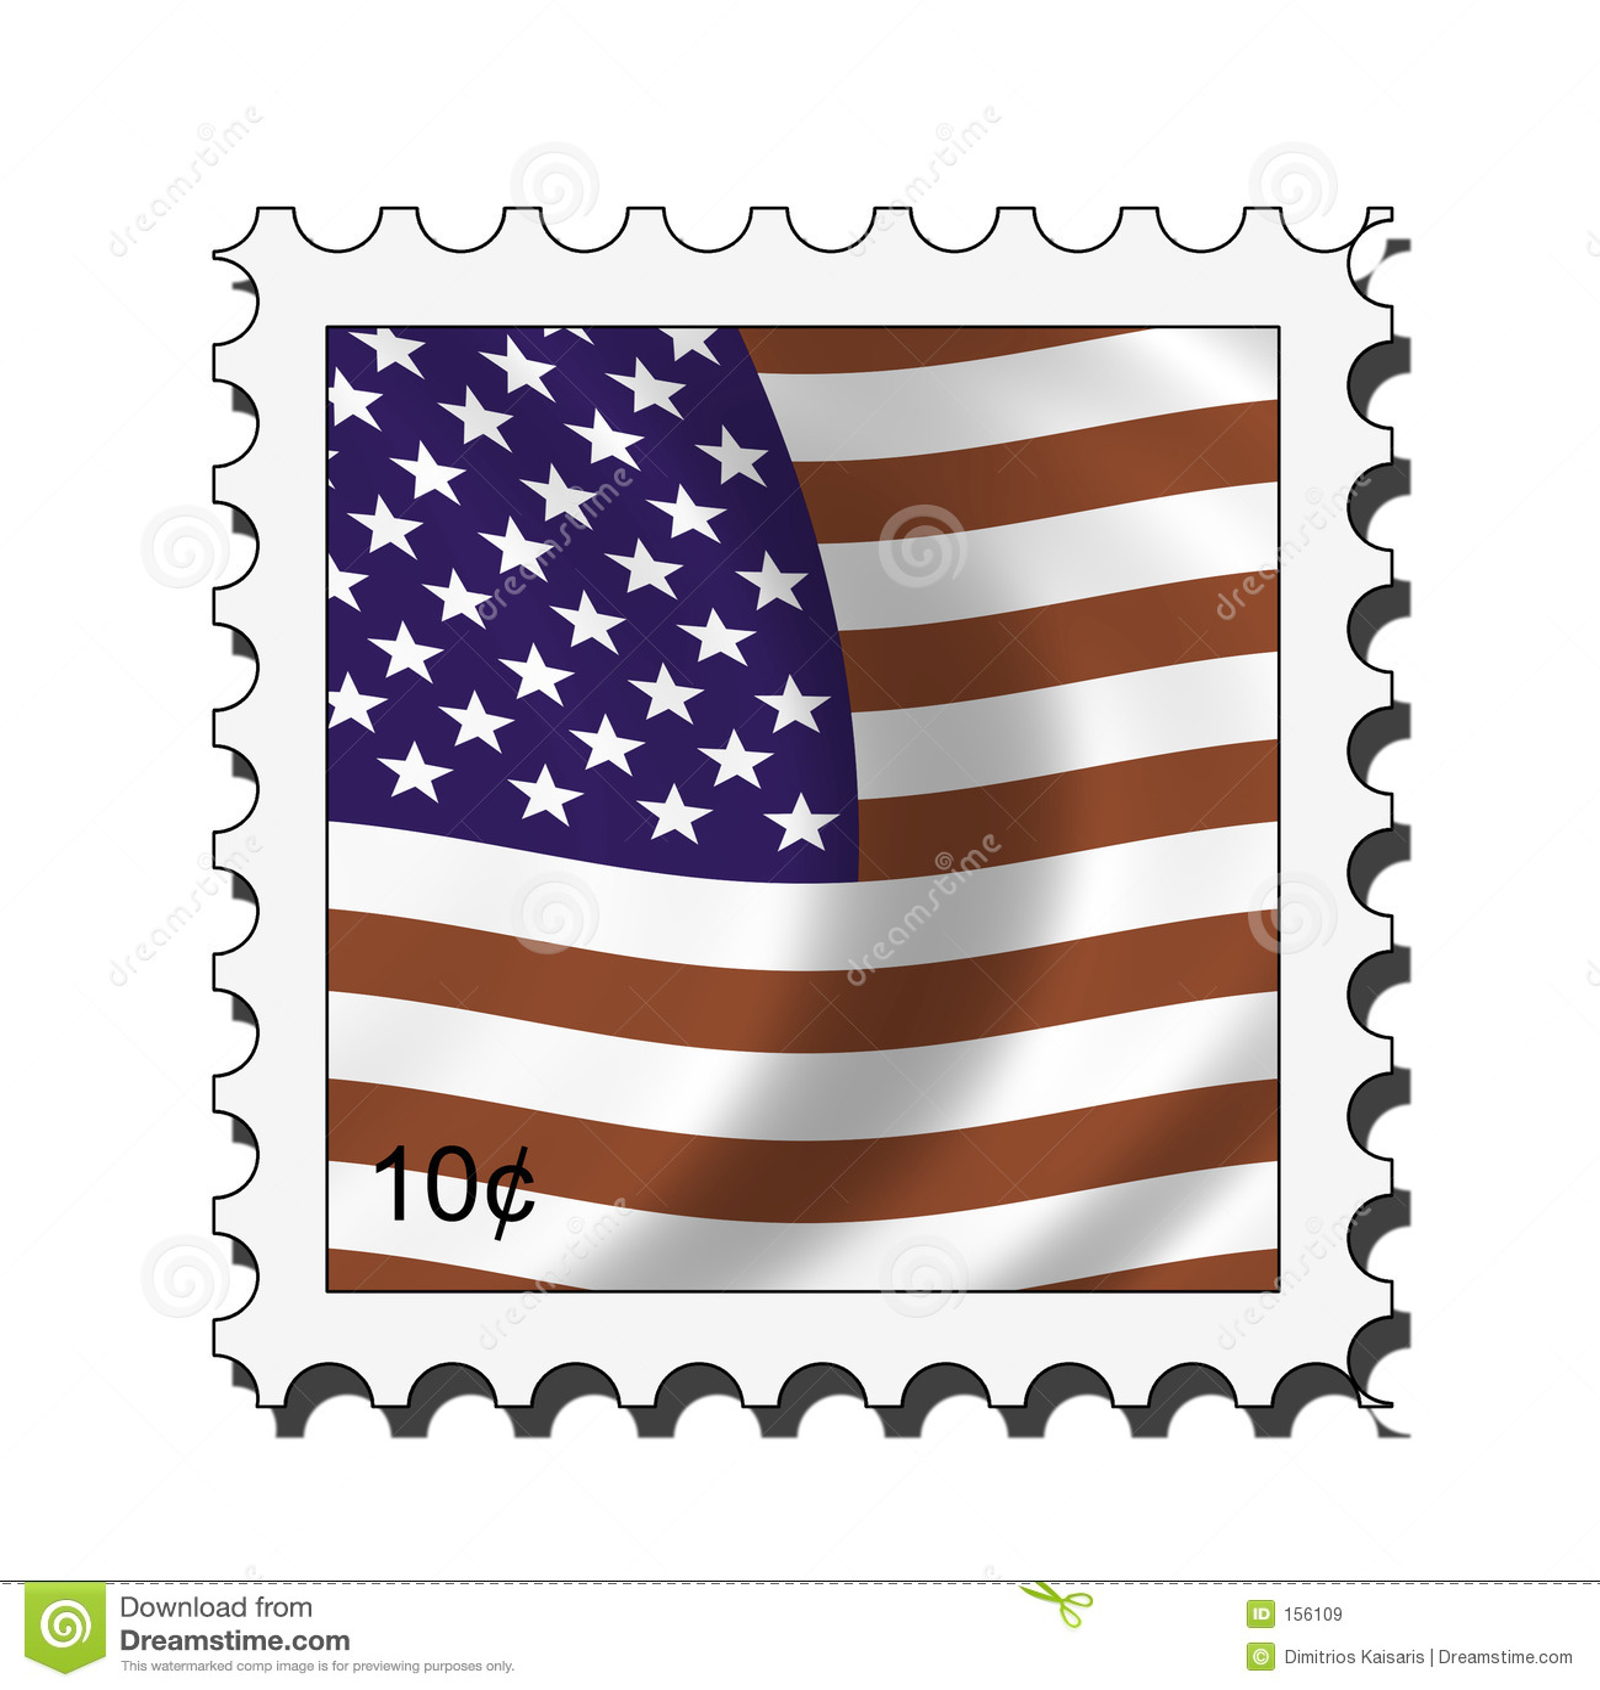 Usa american stamp